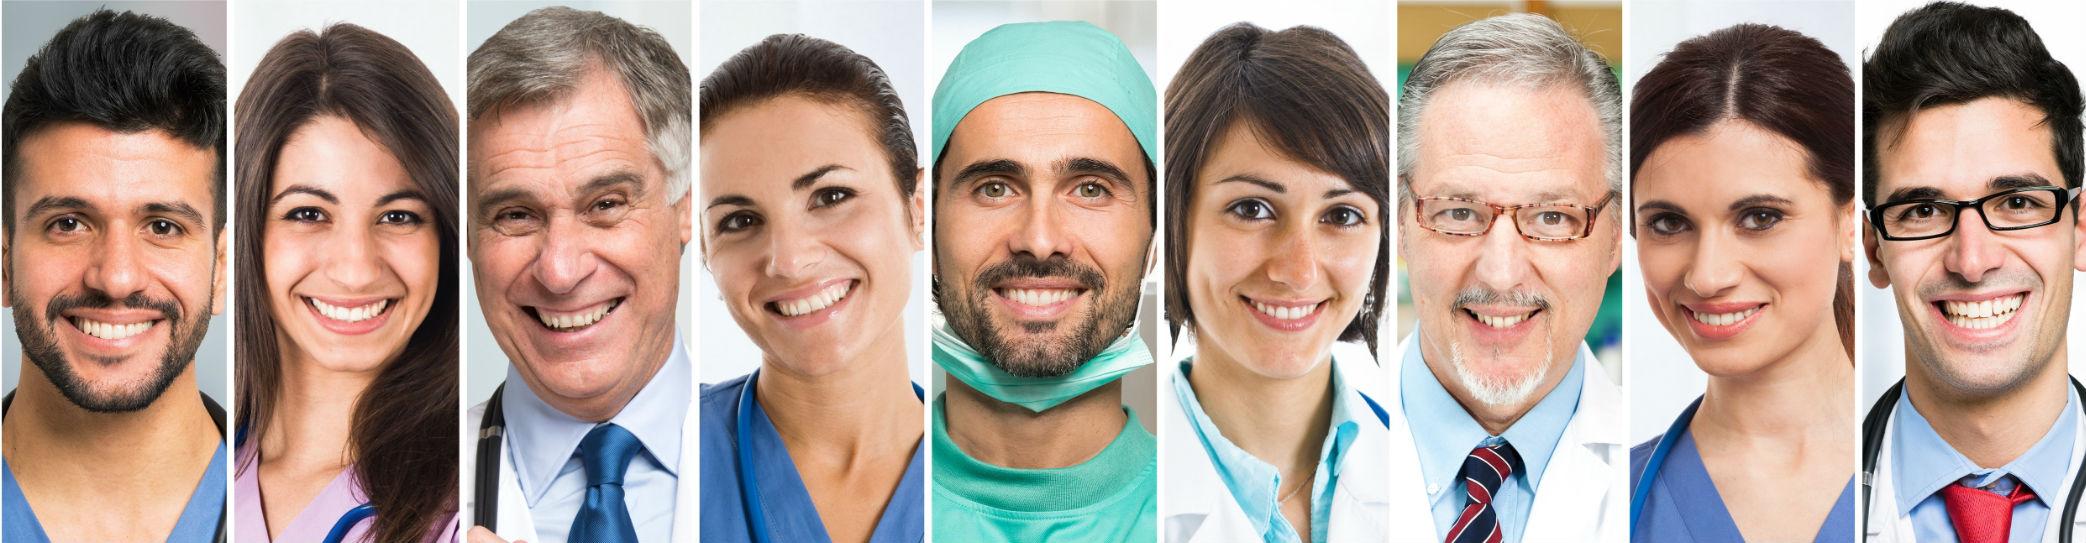 Austin Physician Recruitment Firm Provenir austin nurse recruitment firm